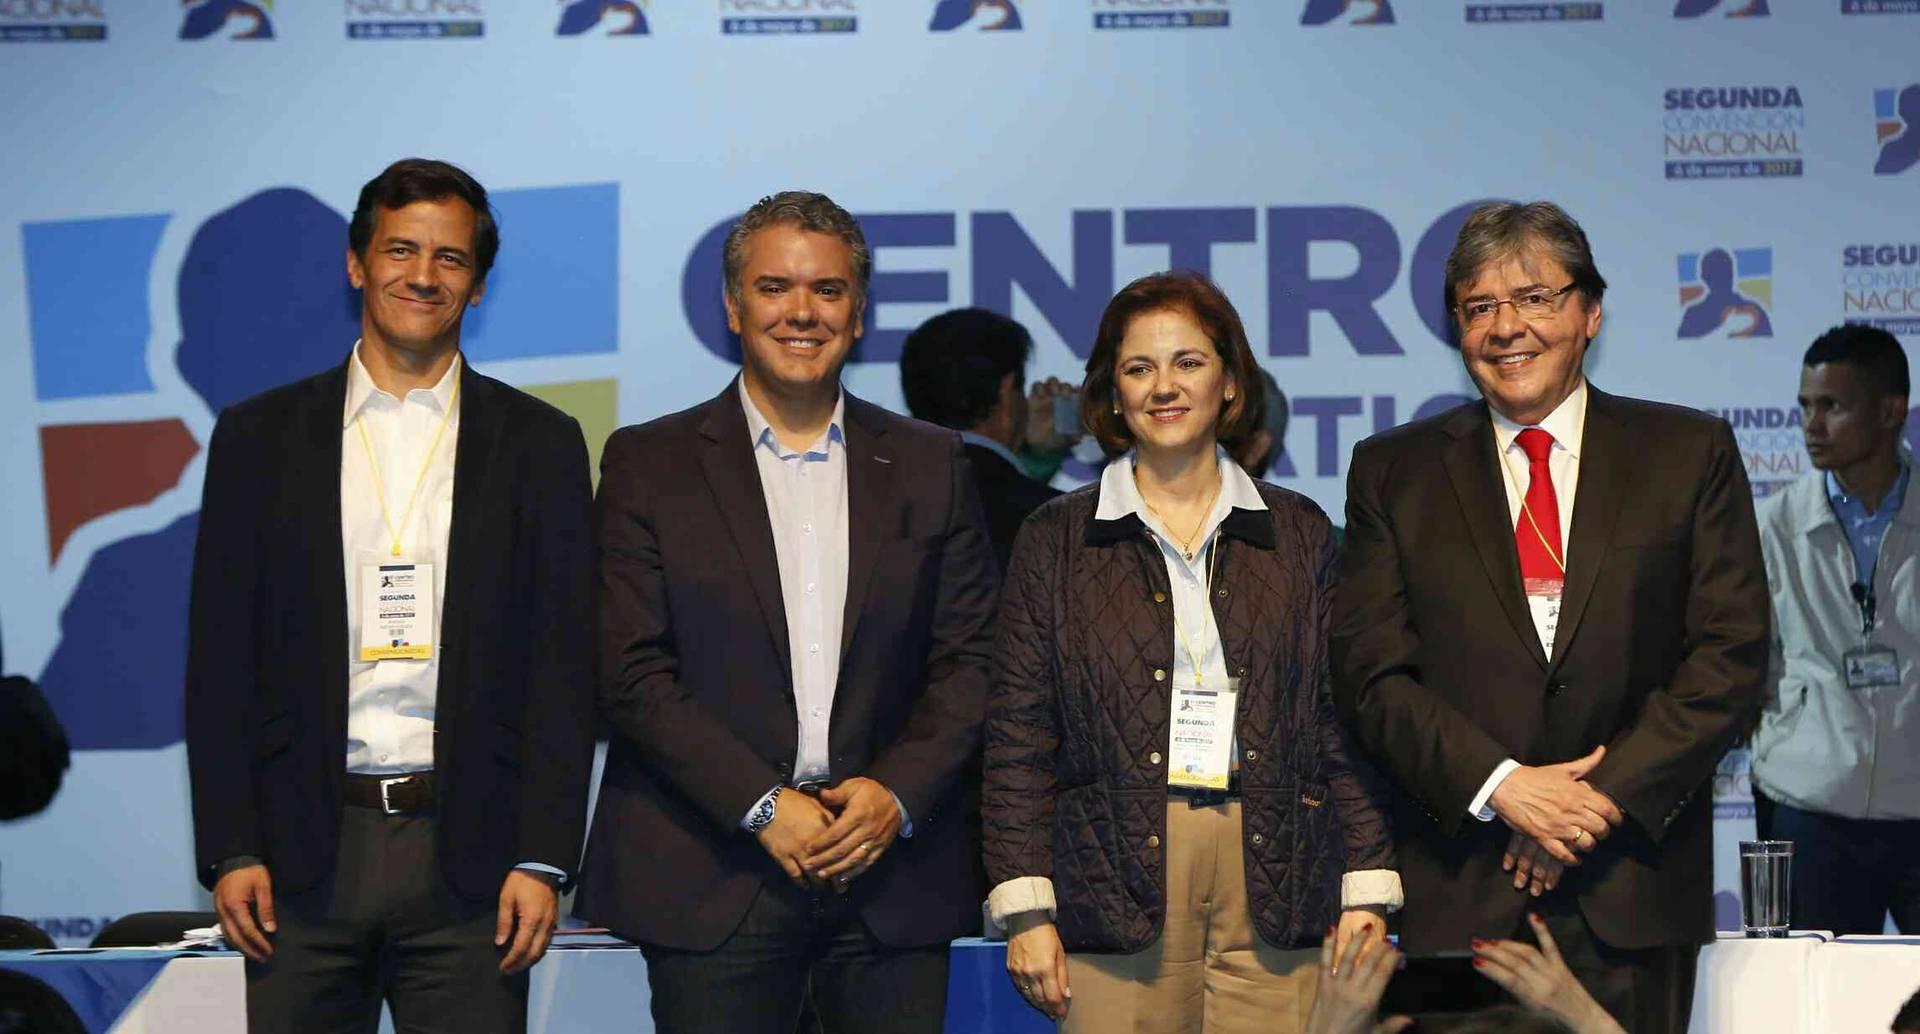 Cuatro de los precandidatos presidenciales: Rafael Nieto, Iván Duque, María del Rosario Guerra y Carlos Holmes Trujillo.